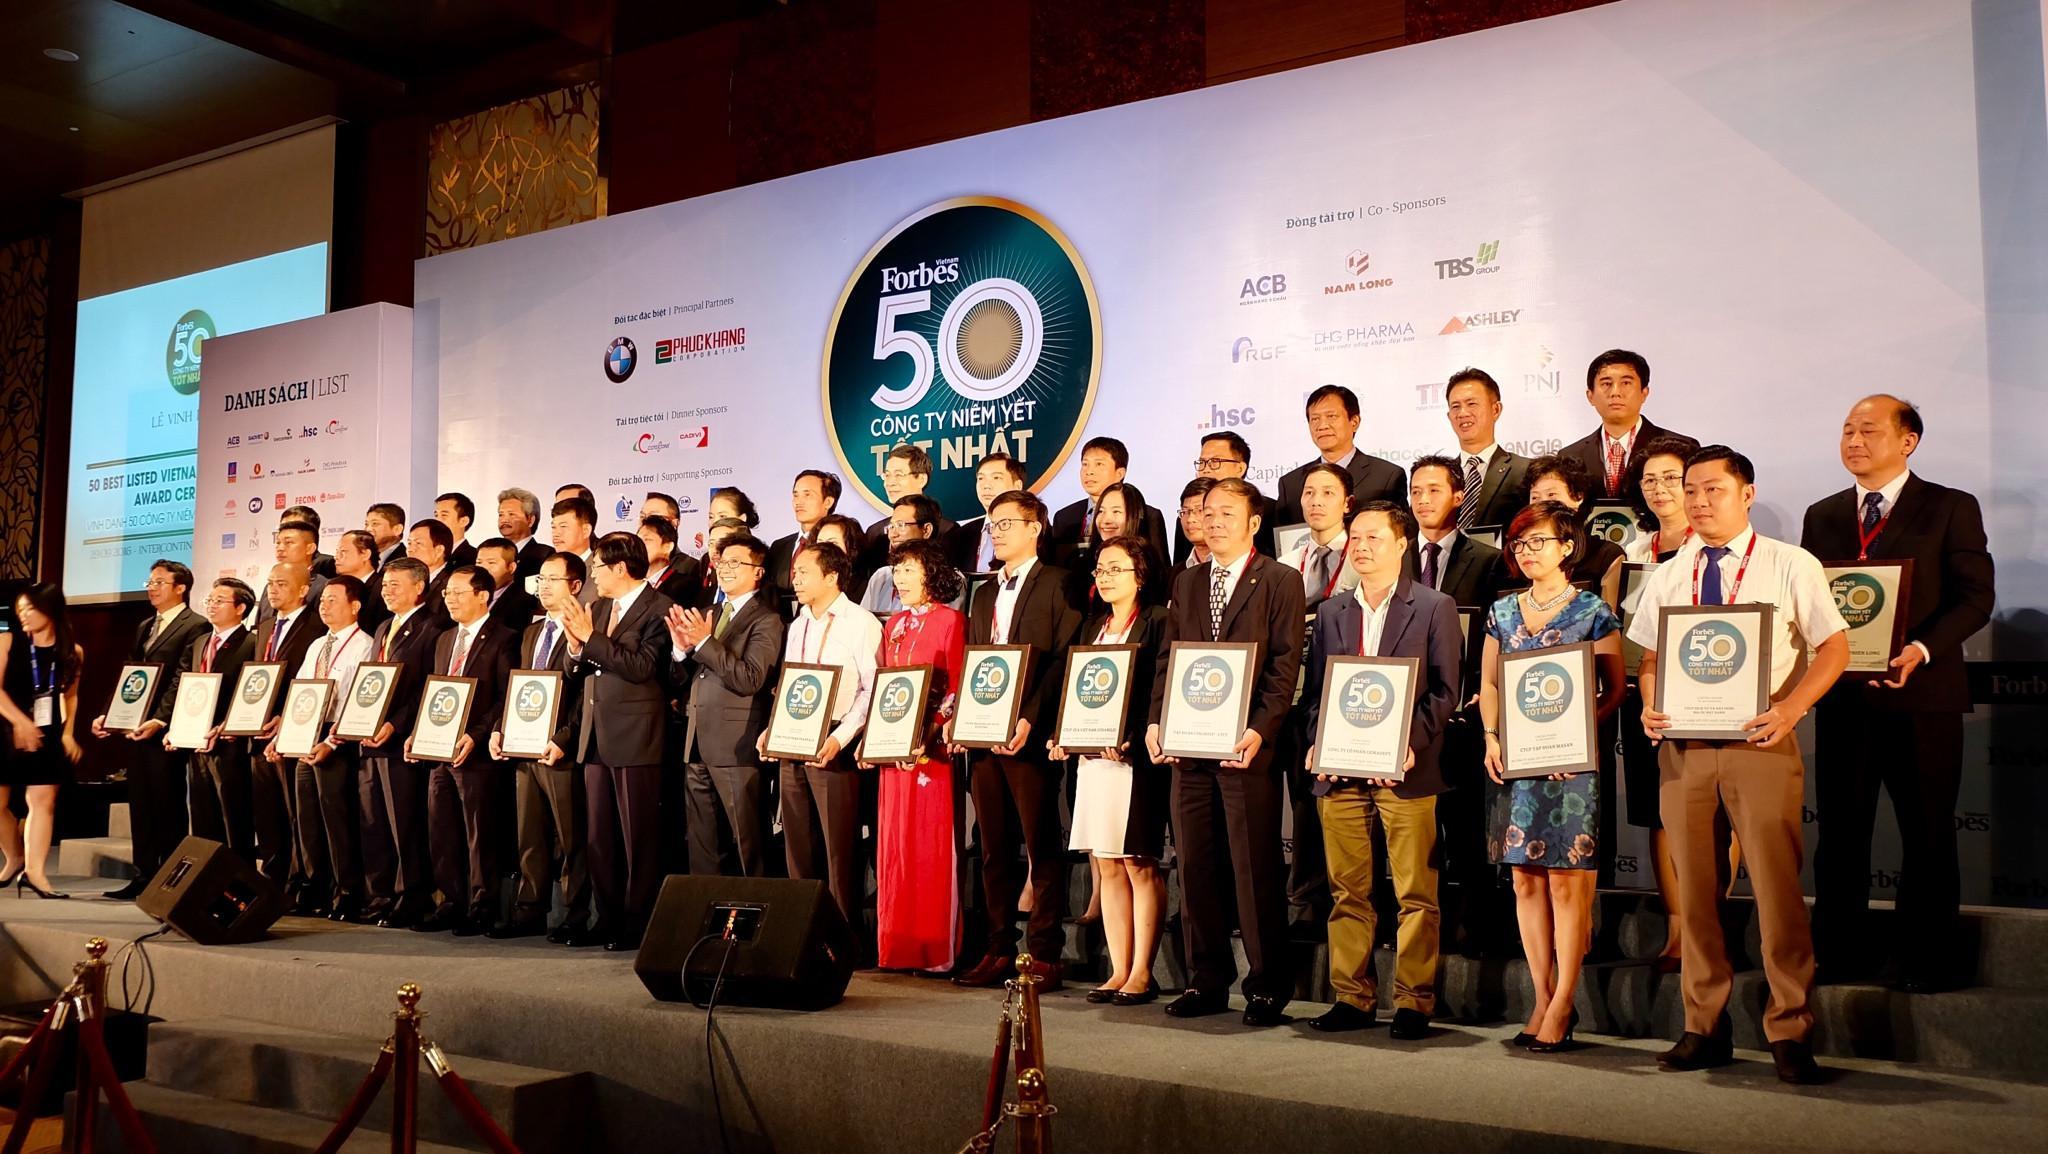 Forbes vinh danh Thế Giới Di Động trong top 50 công ty niêm yết tốt nhất